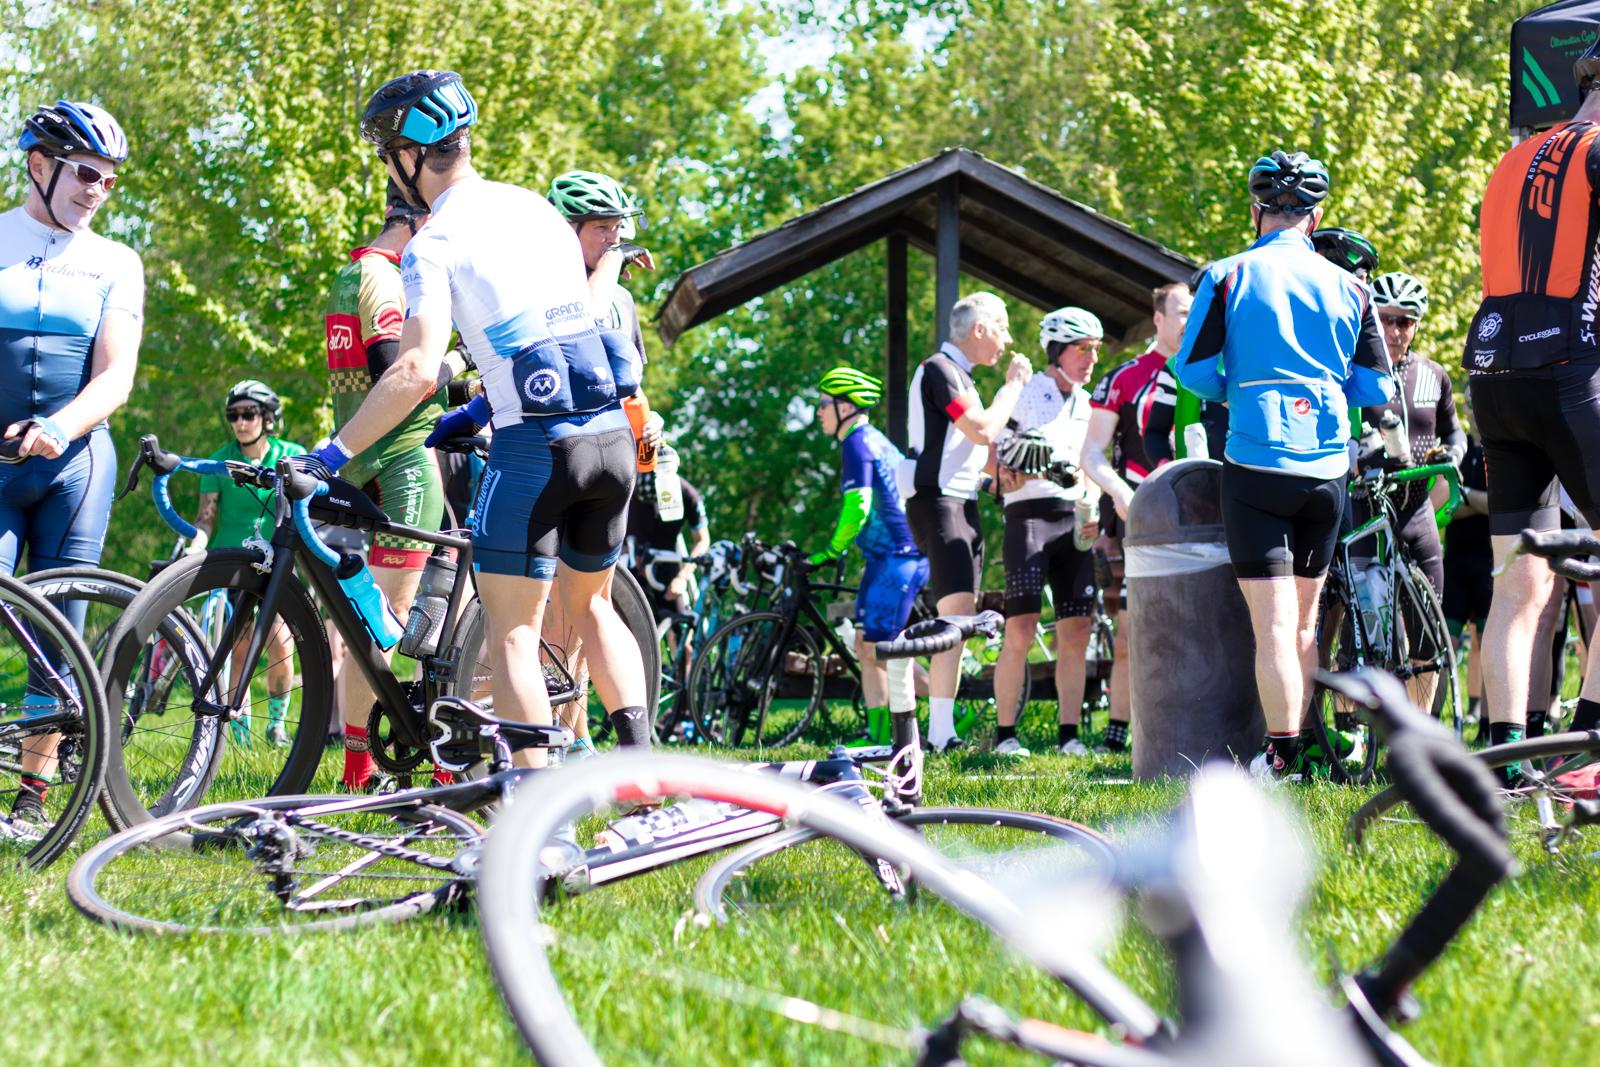 RidePage_Carousel_photos-11.jpg